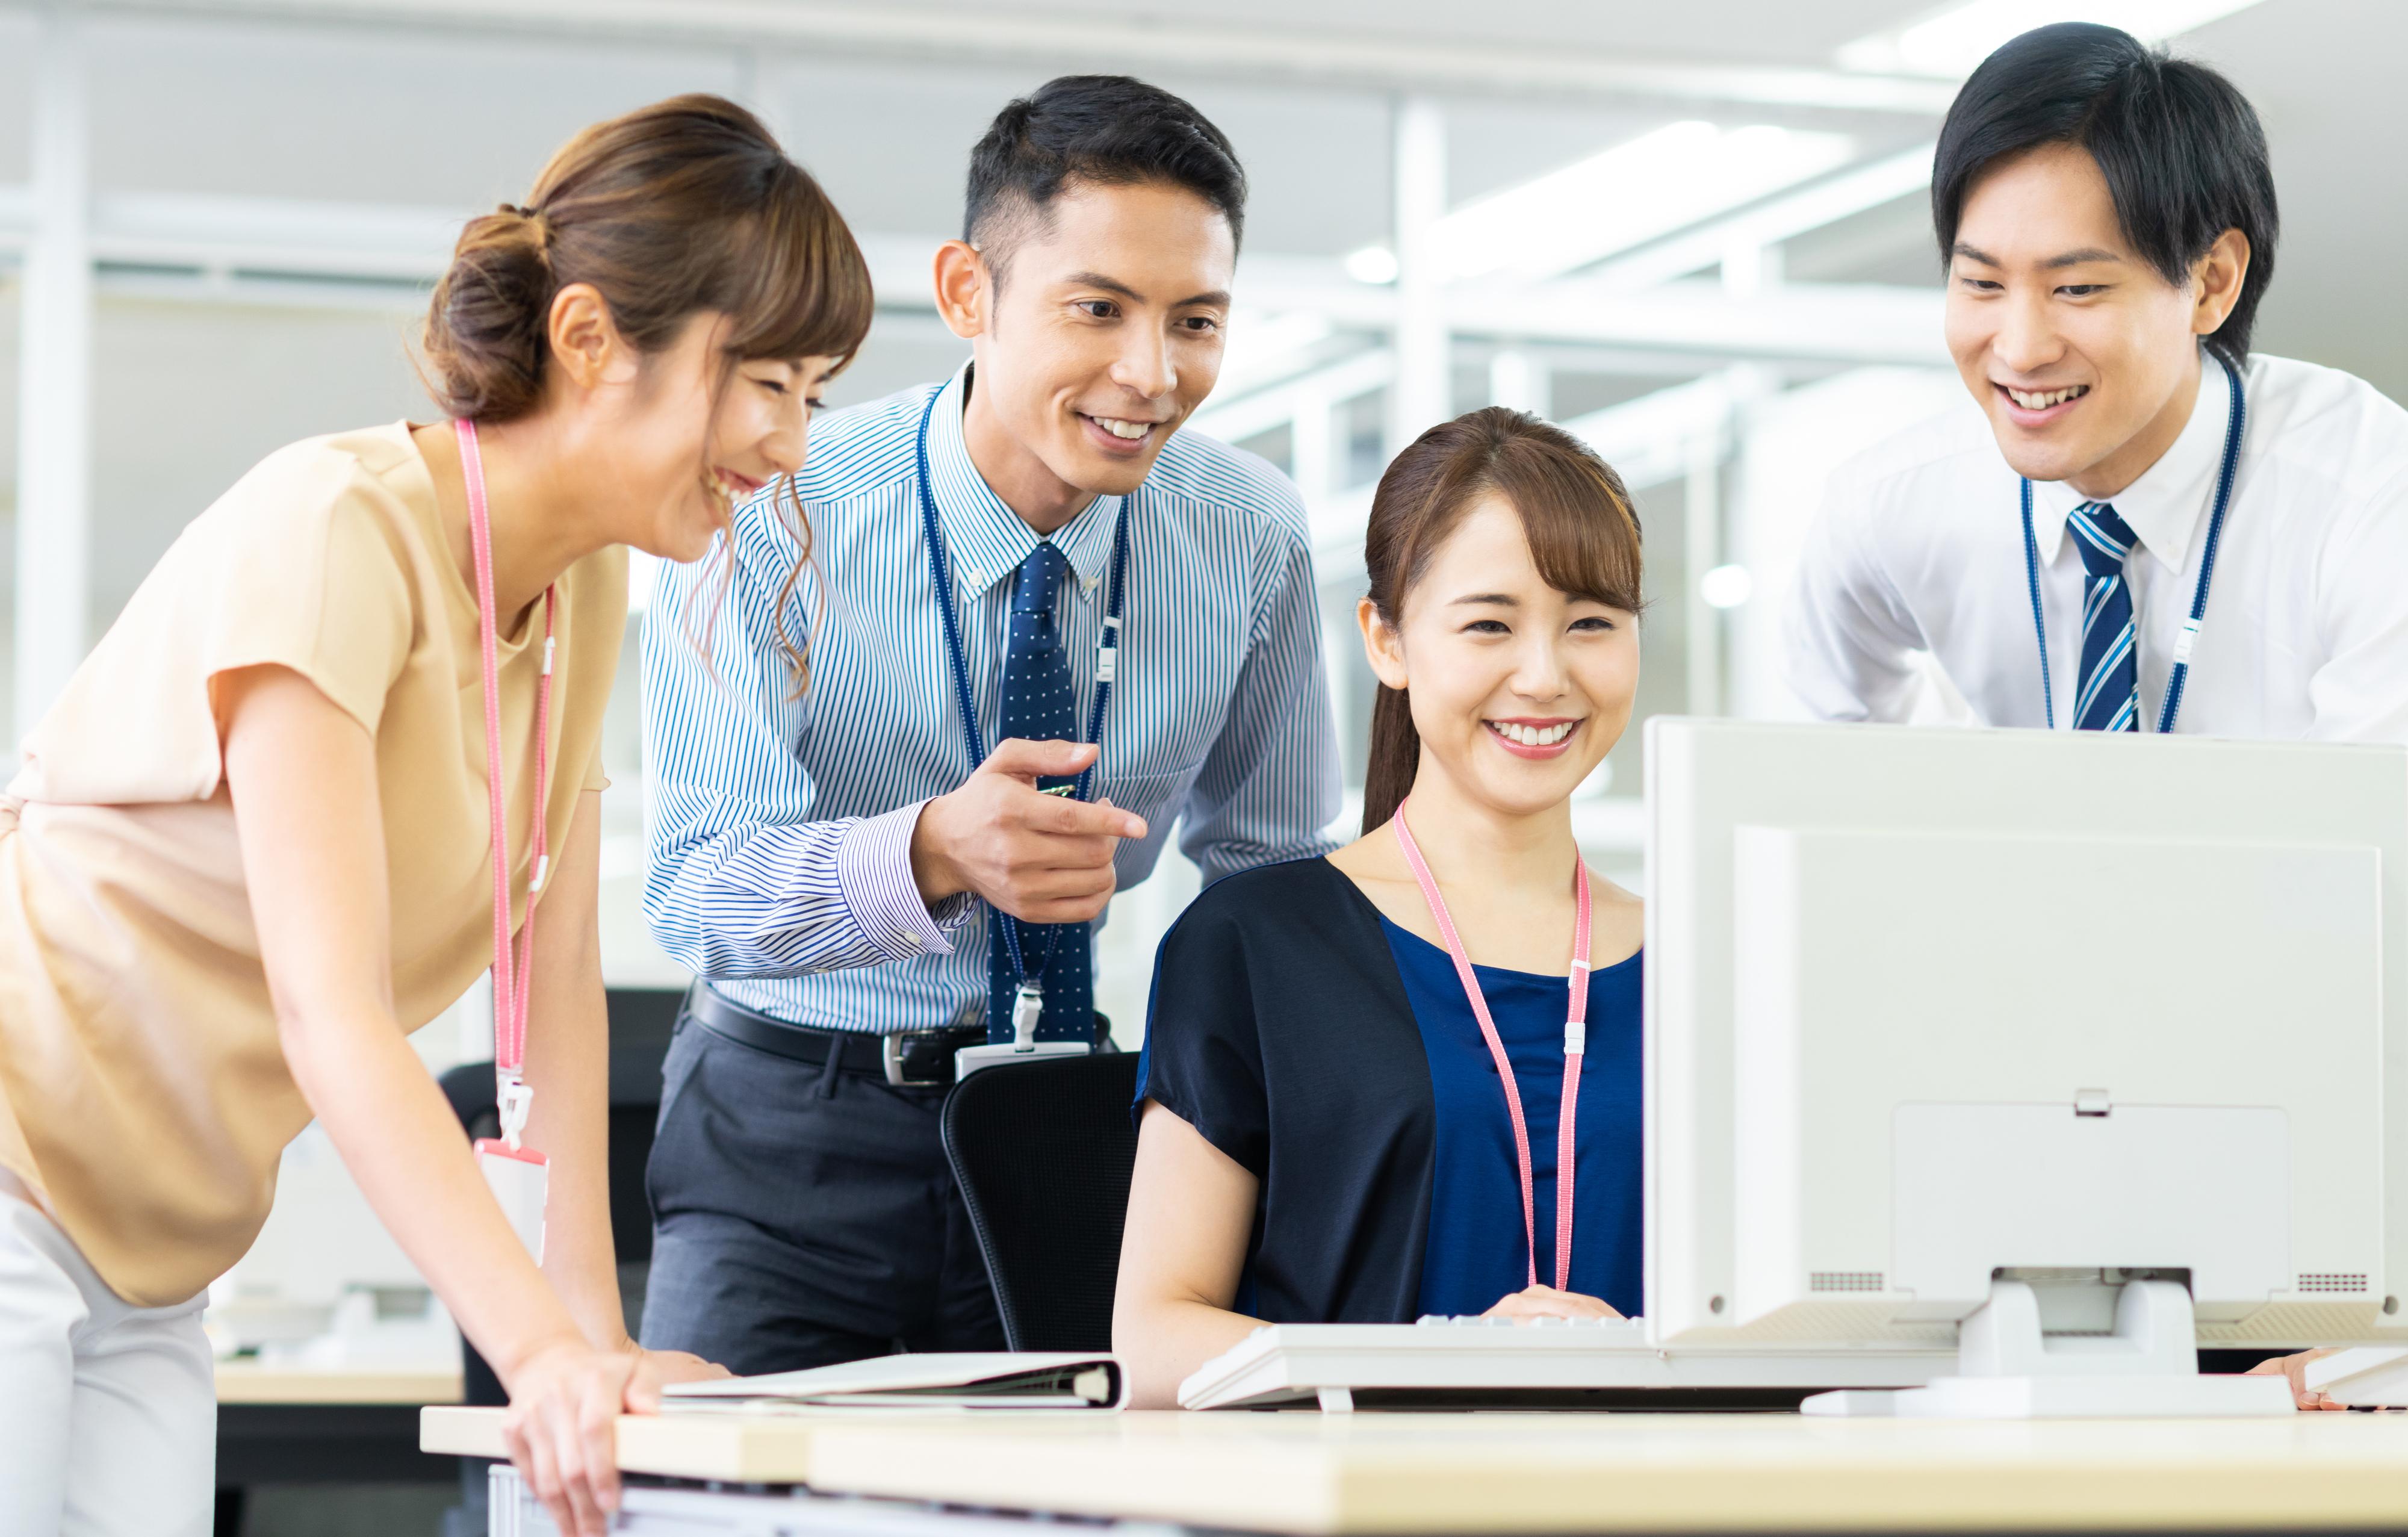 ビジネスパートナーのローンを利用するメリットや、融資の特徴などを詳しく紹介